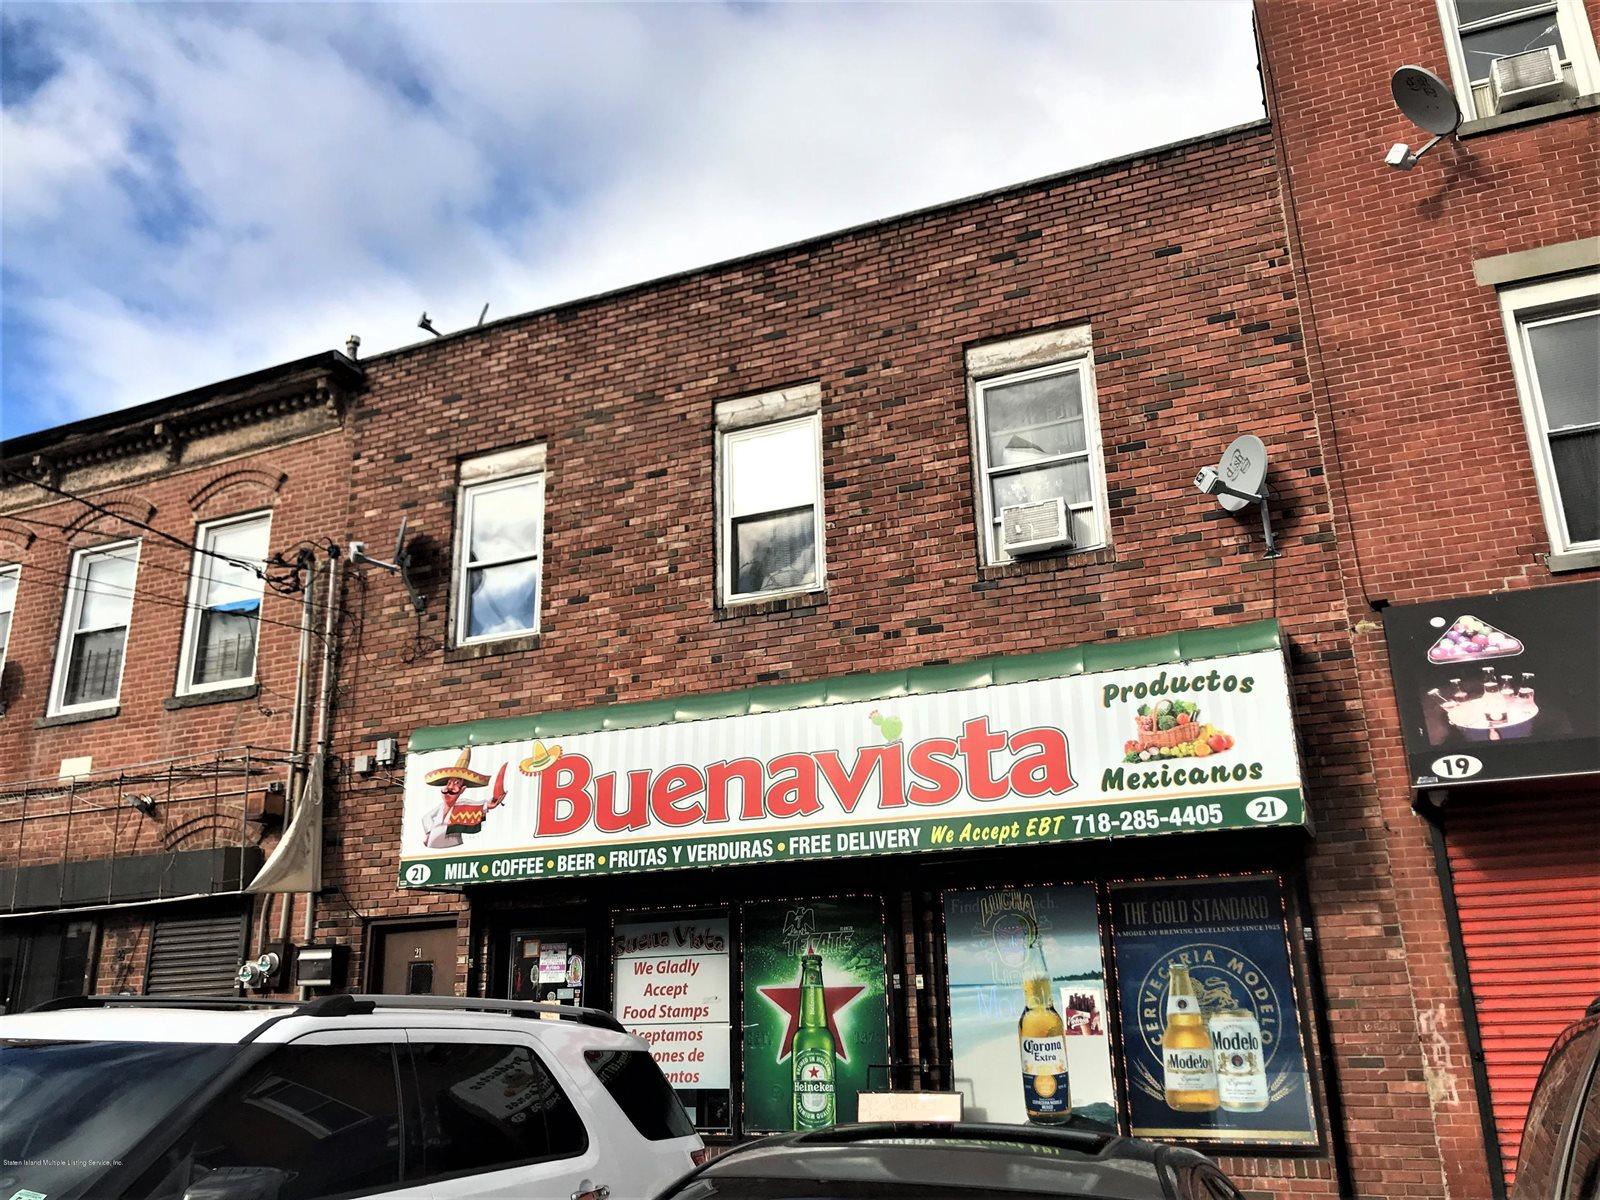 21-23 Broad Street, Staten Island, NY 10304